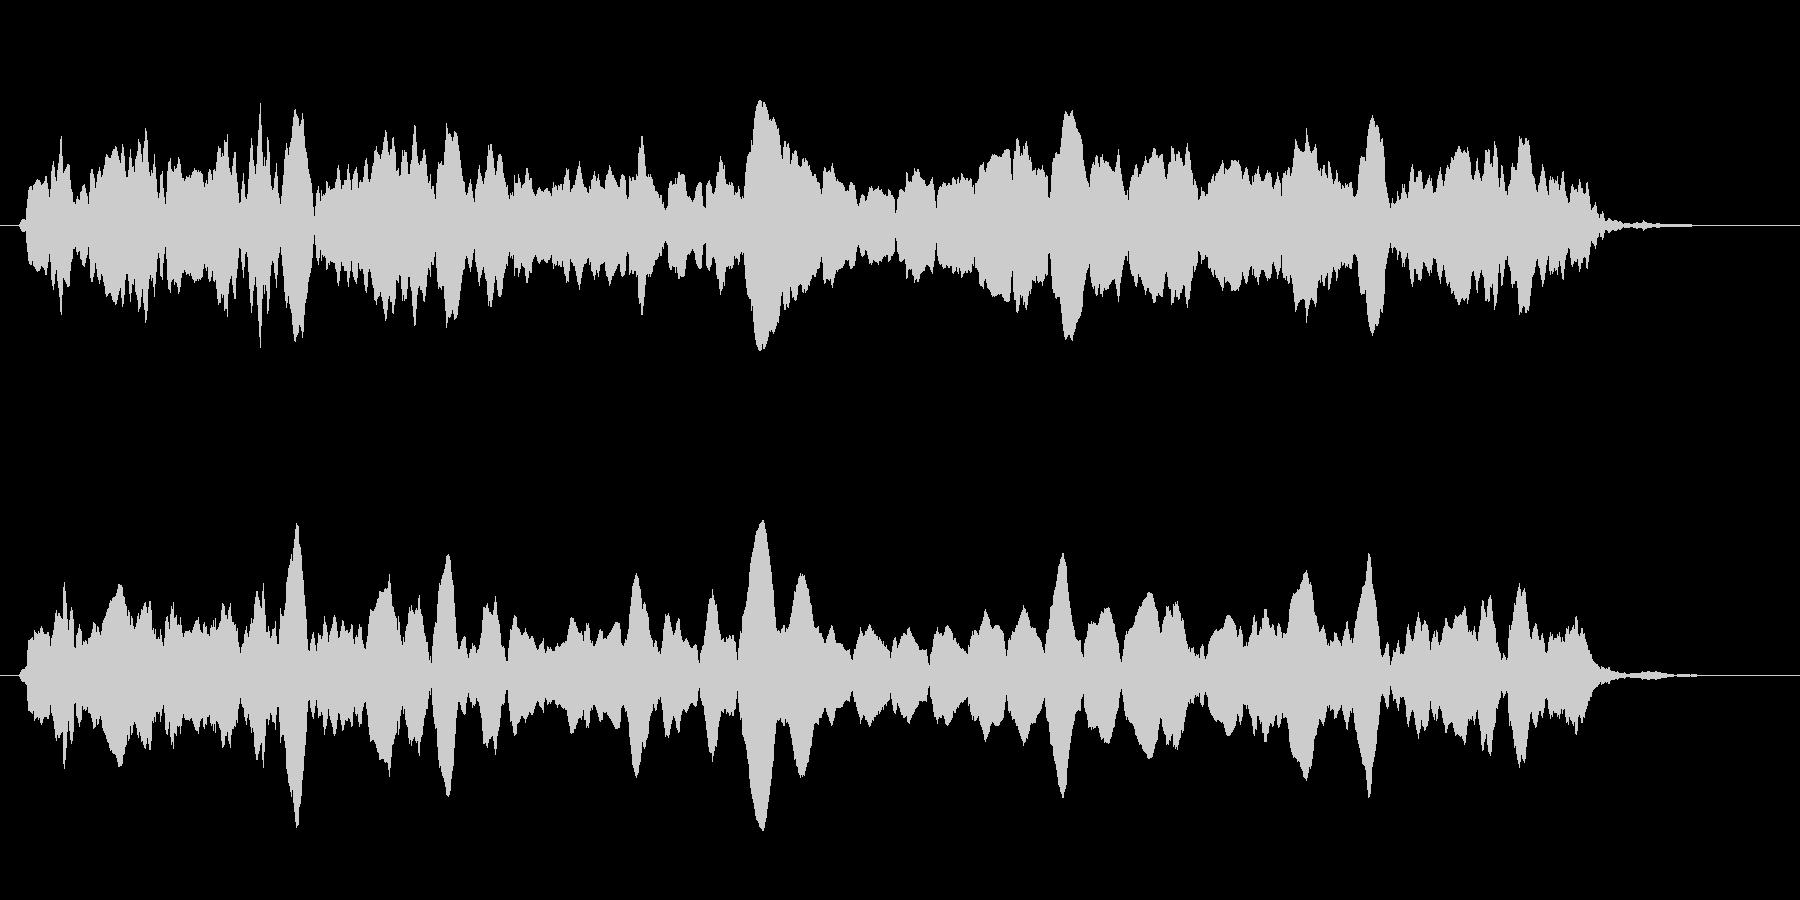 ピピピ(自主規制・数値・パラメータ表示)の未再生の波形